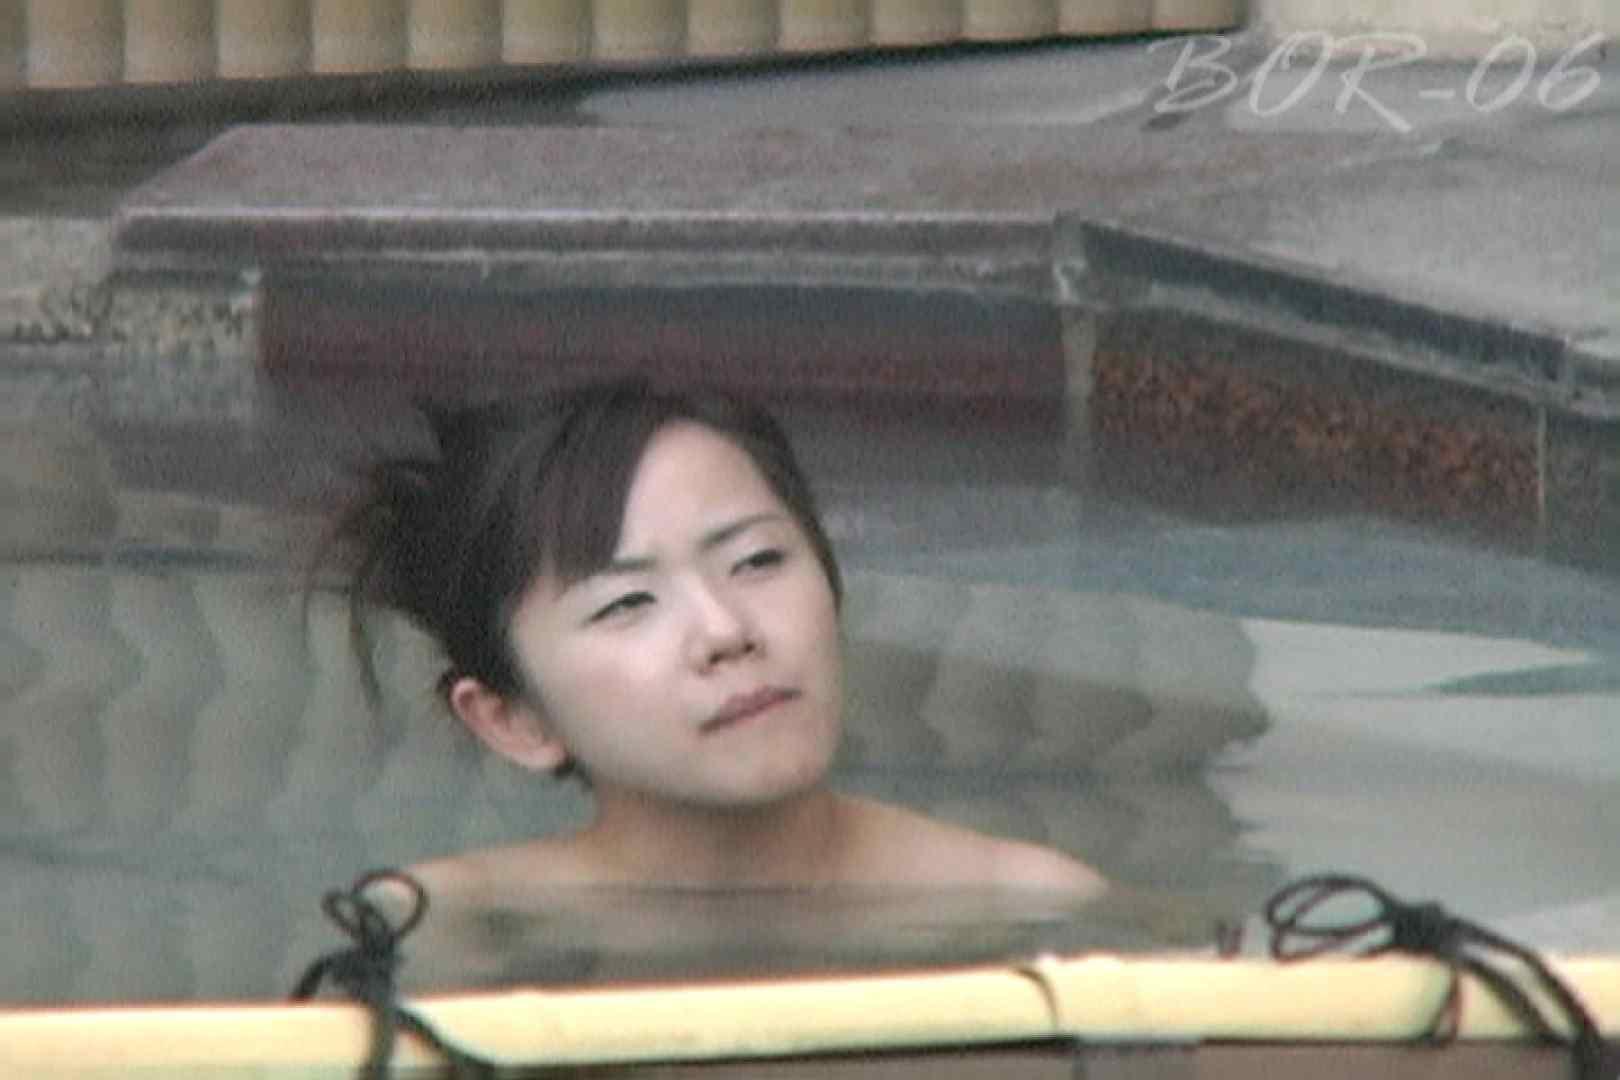 Aquaな露天風呂Vol.521 露天 | 盗撮  96pic 62